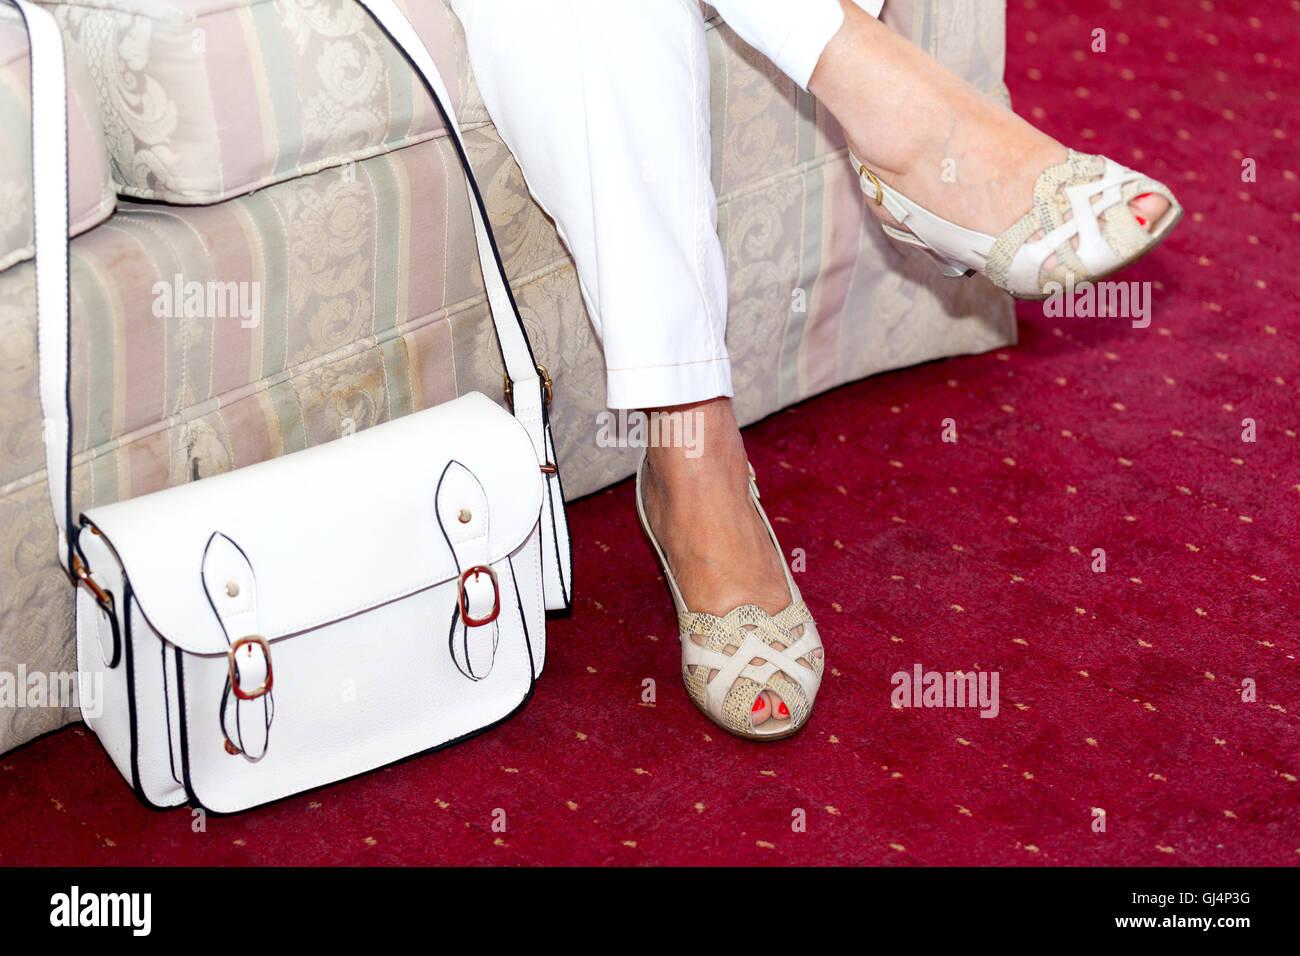 Woman sitting on sofa with white handbag - Stock Image